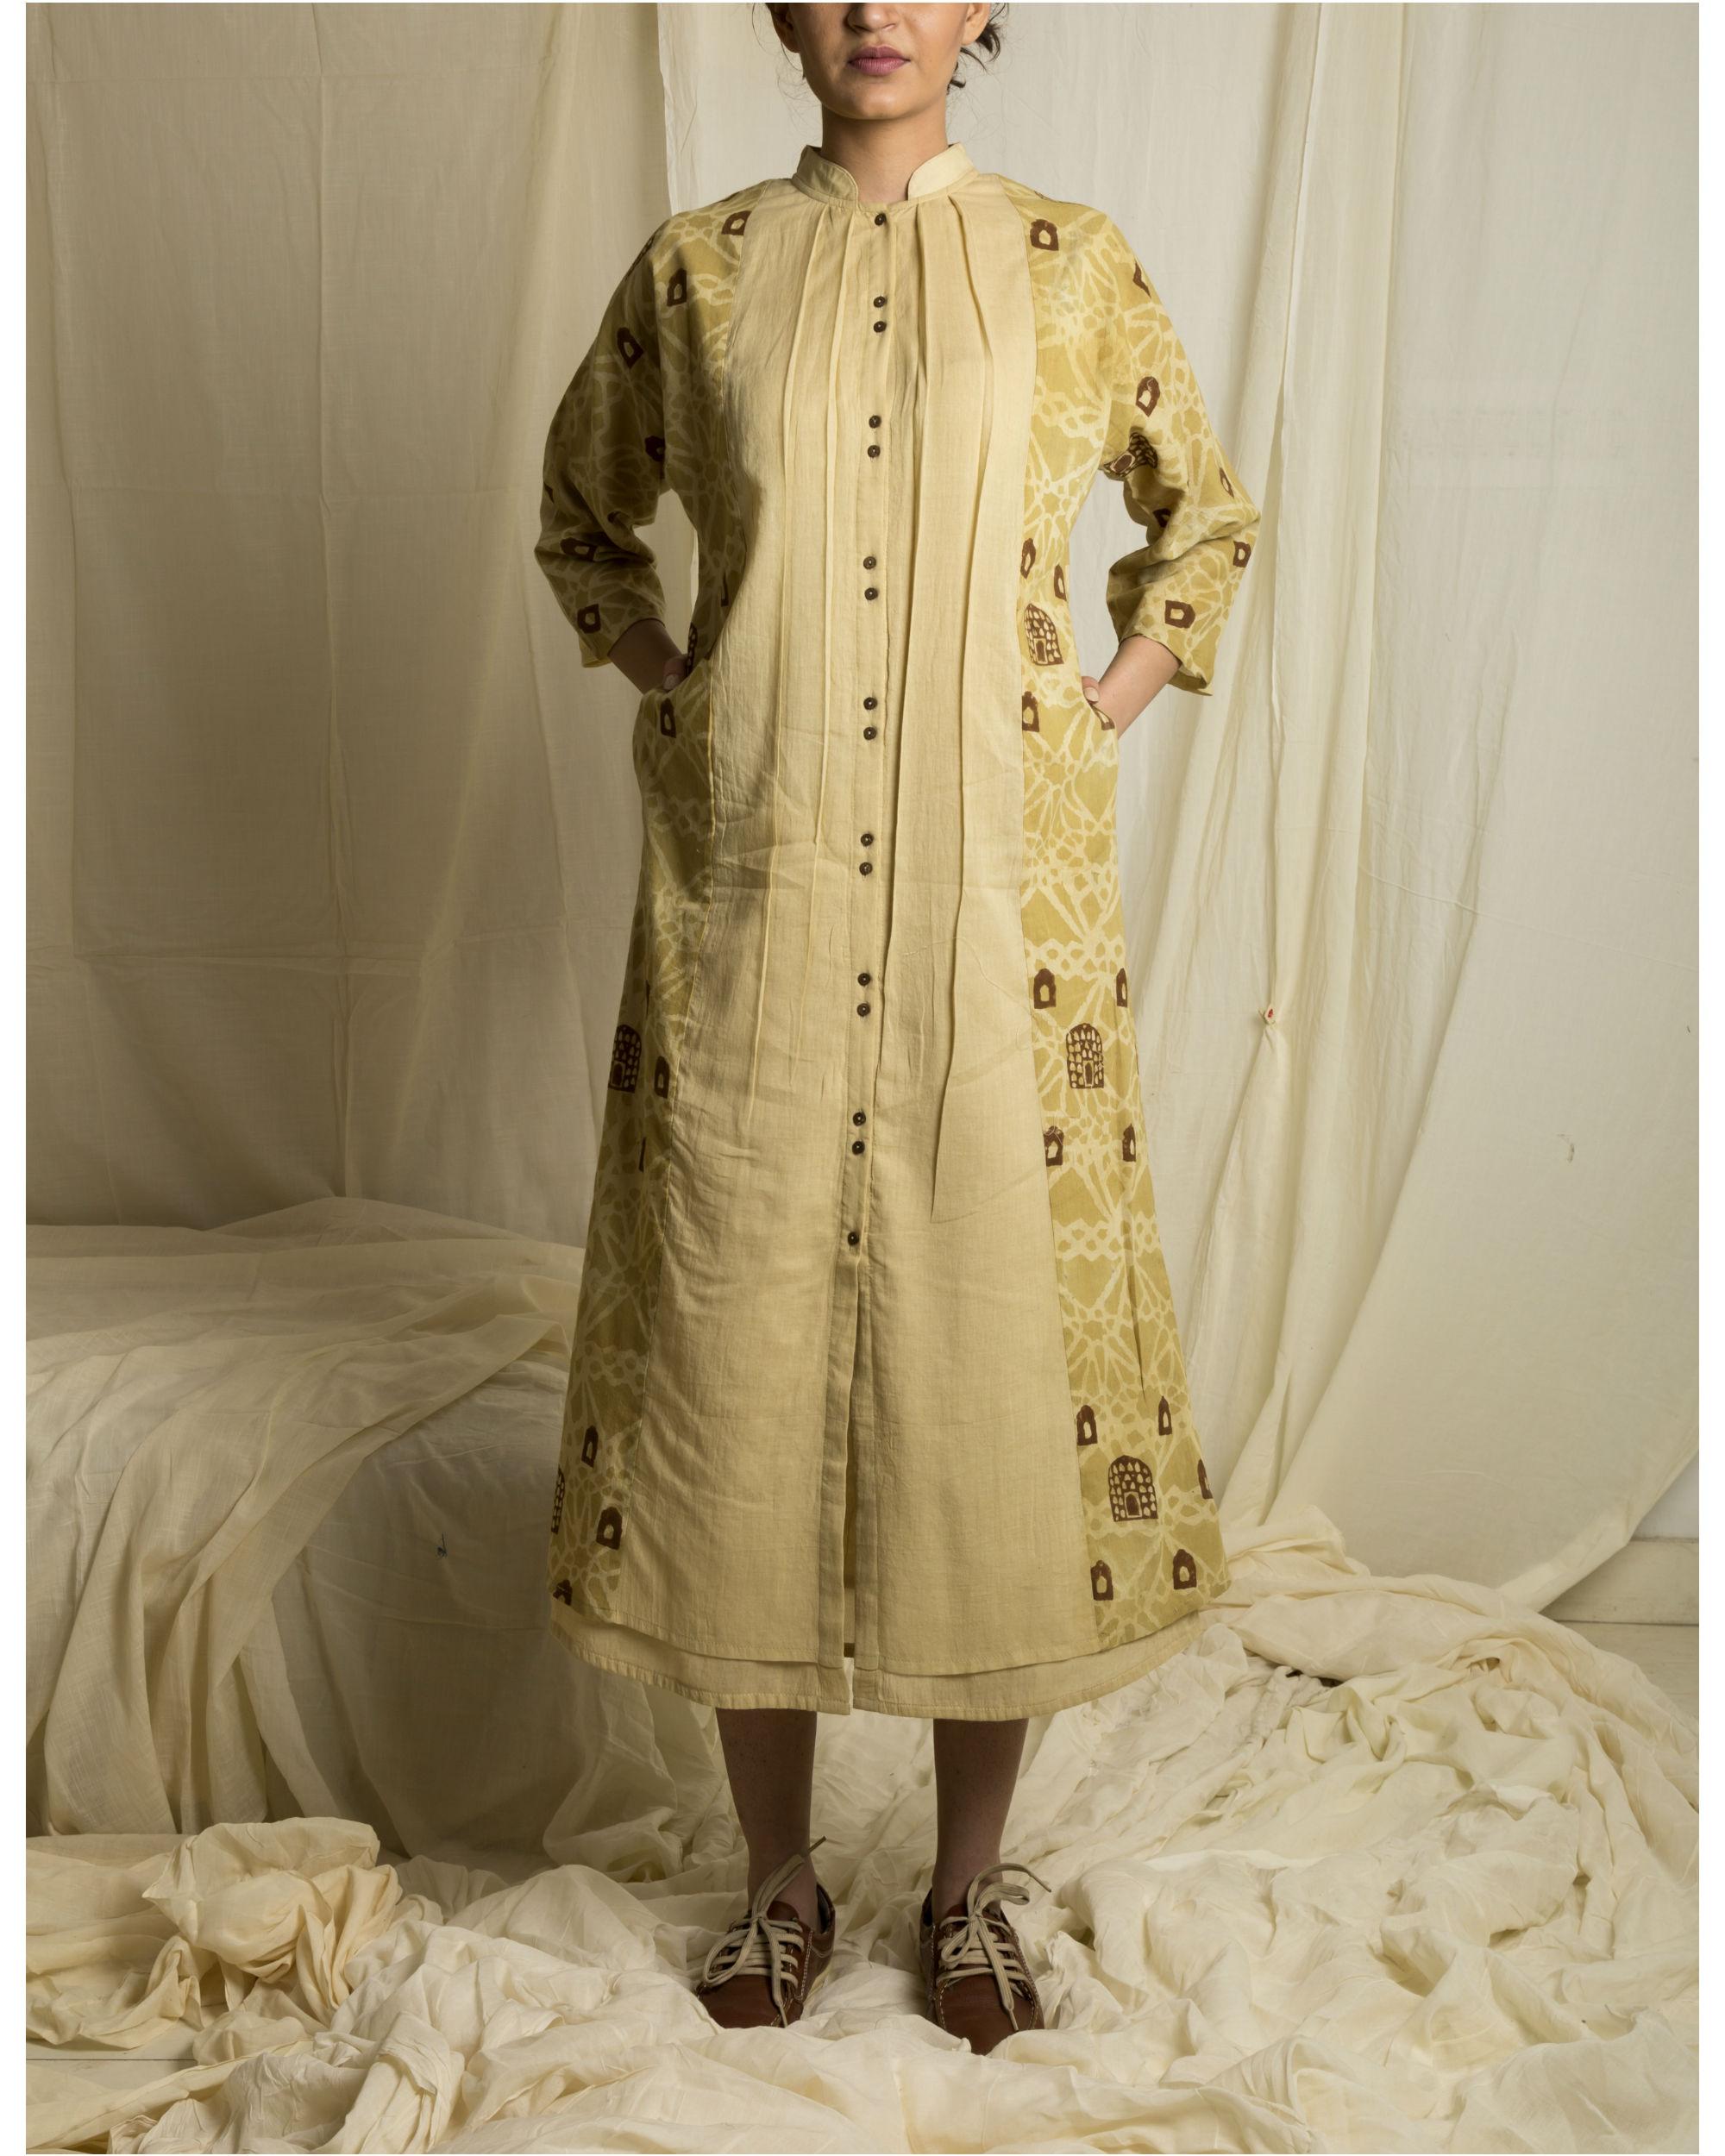 Jharokha panelled dress